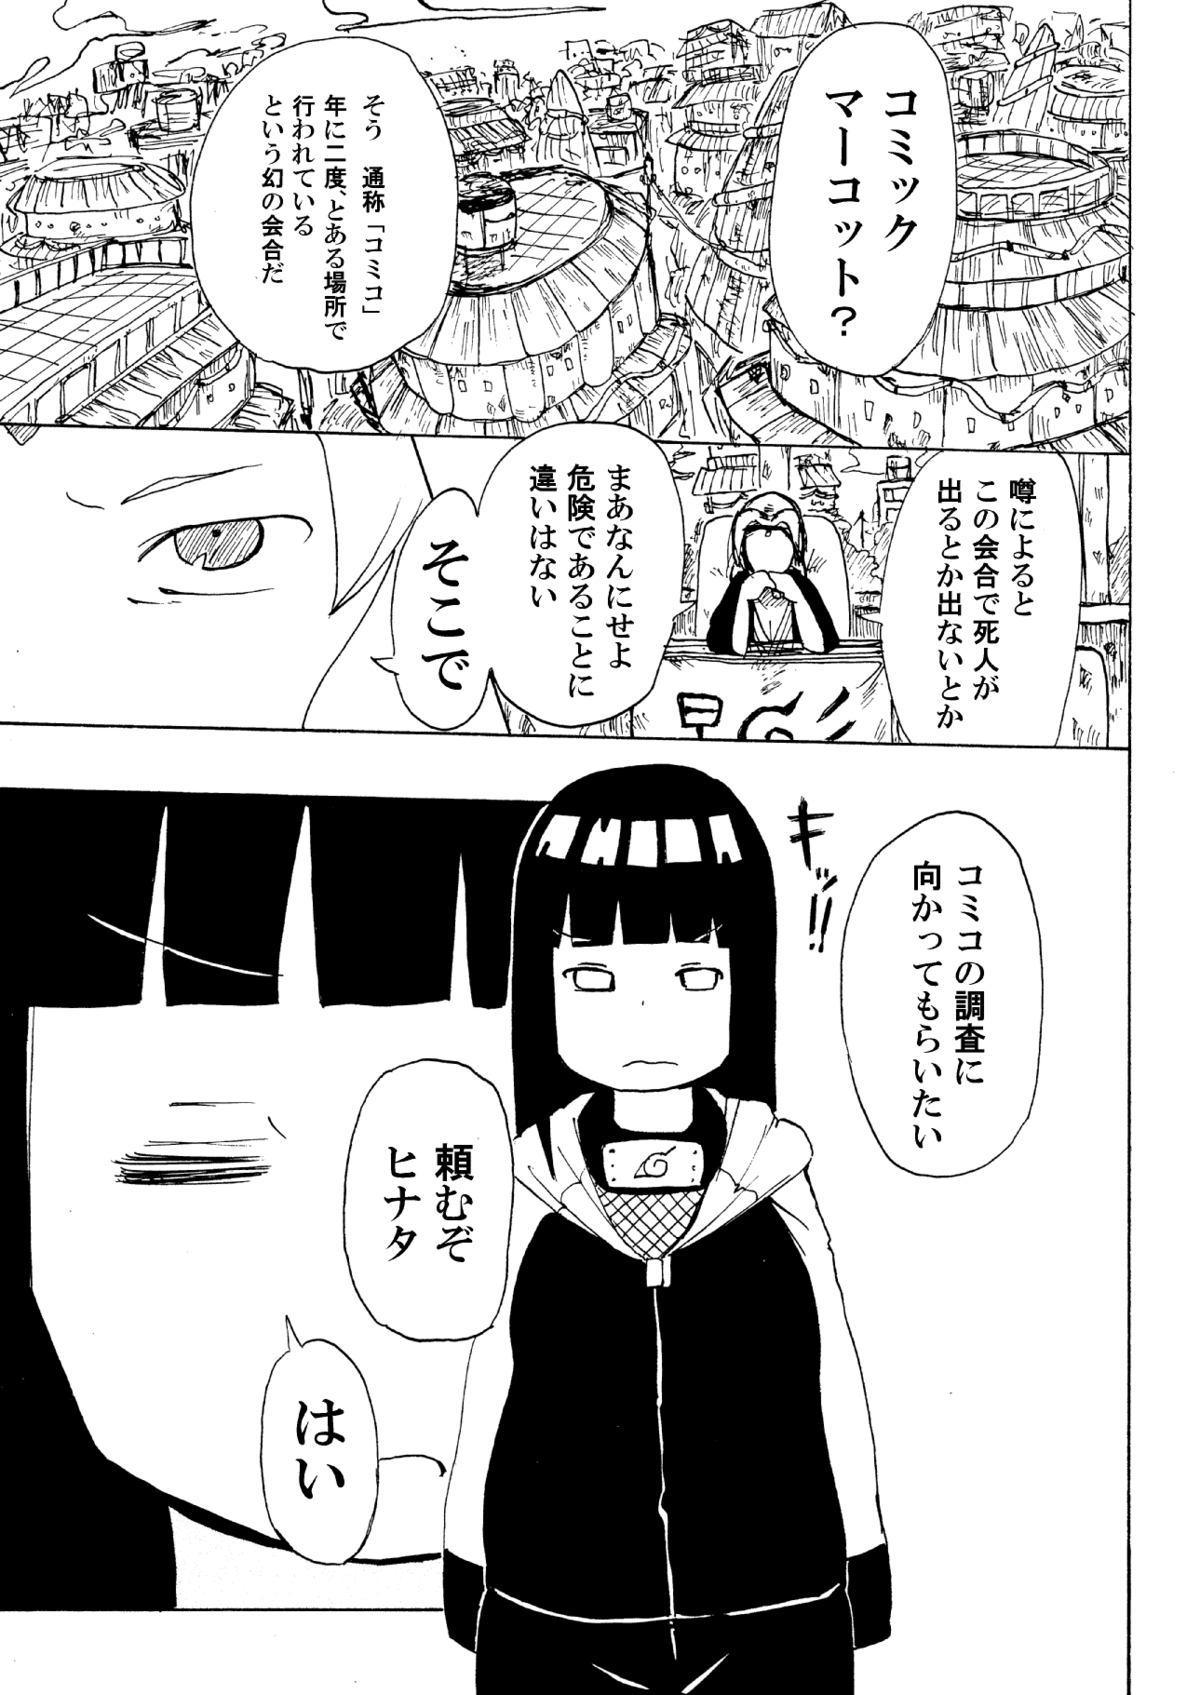 Hinata to Densha 1